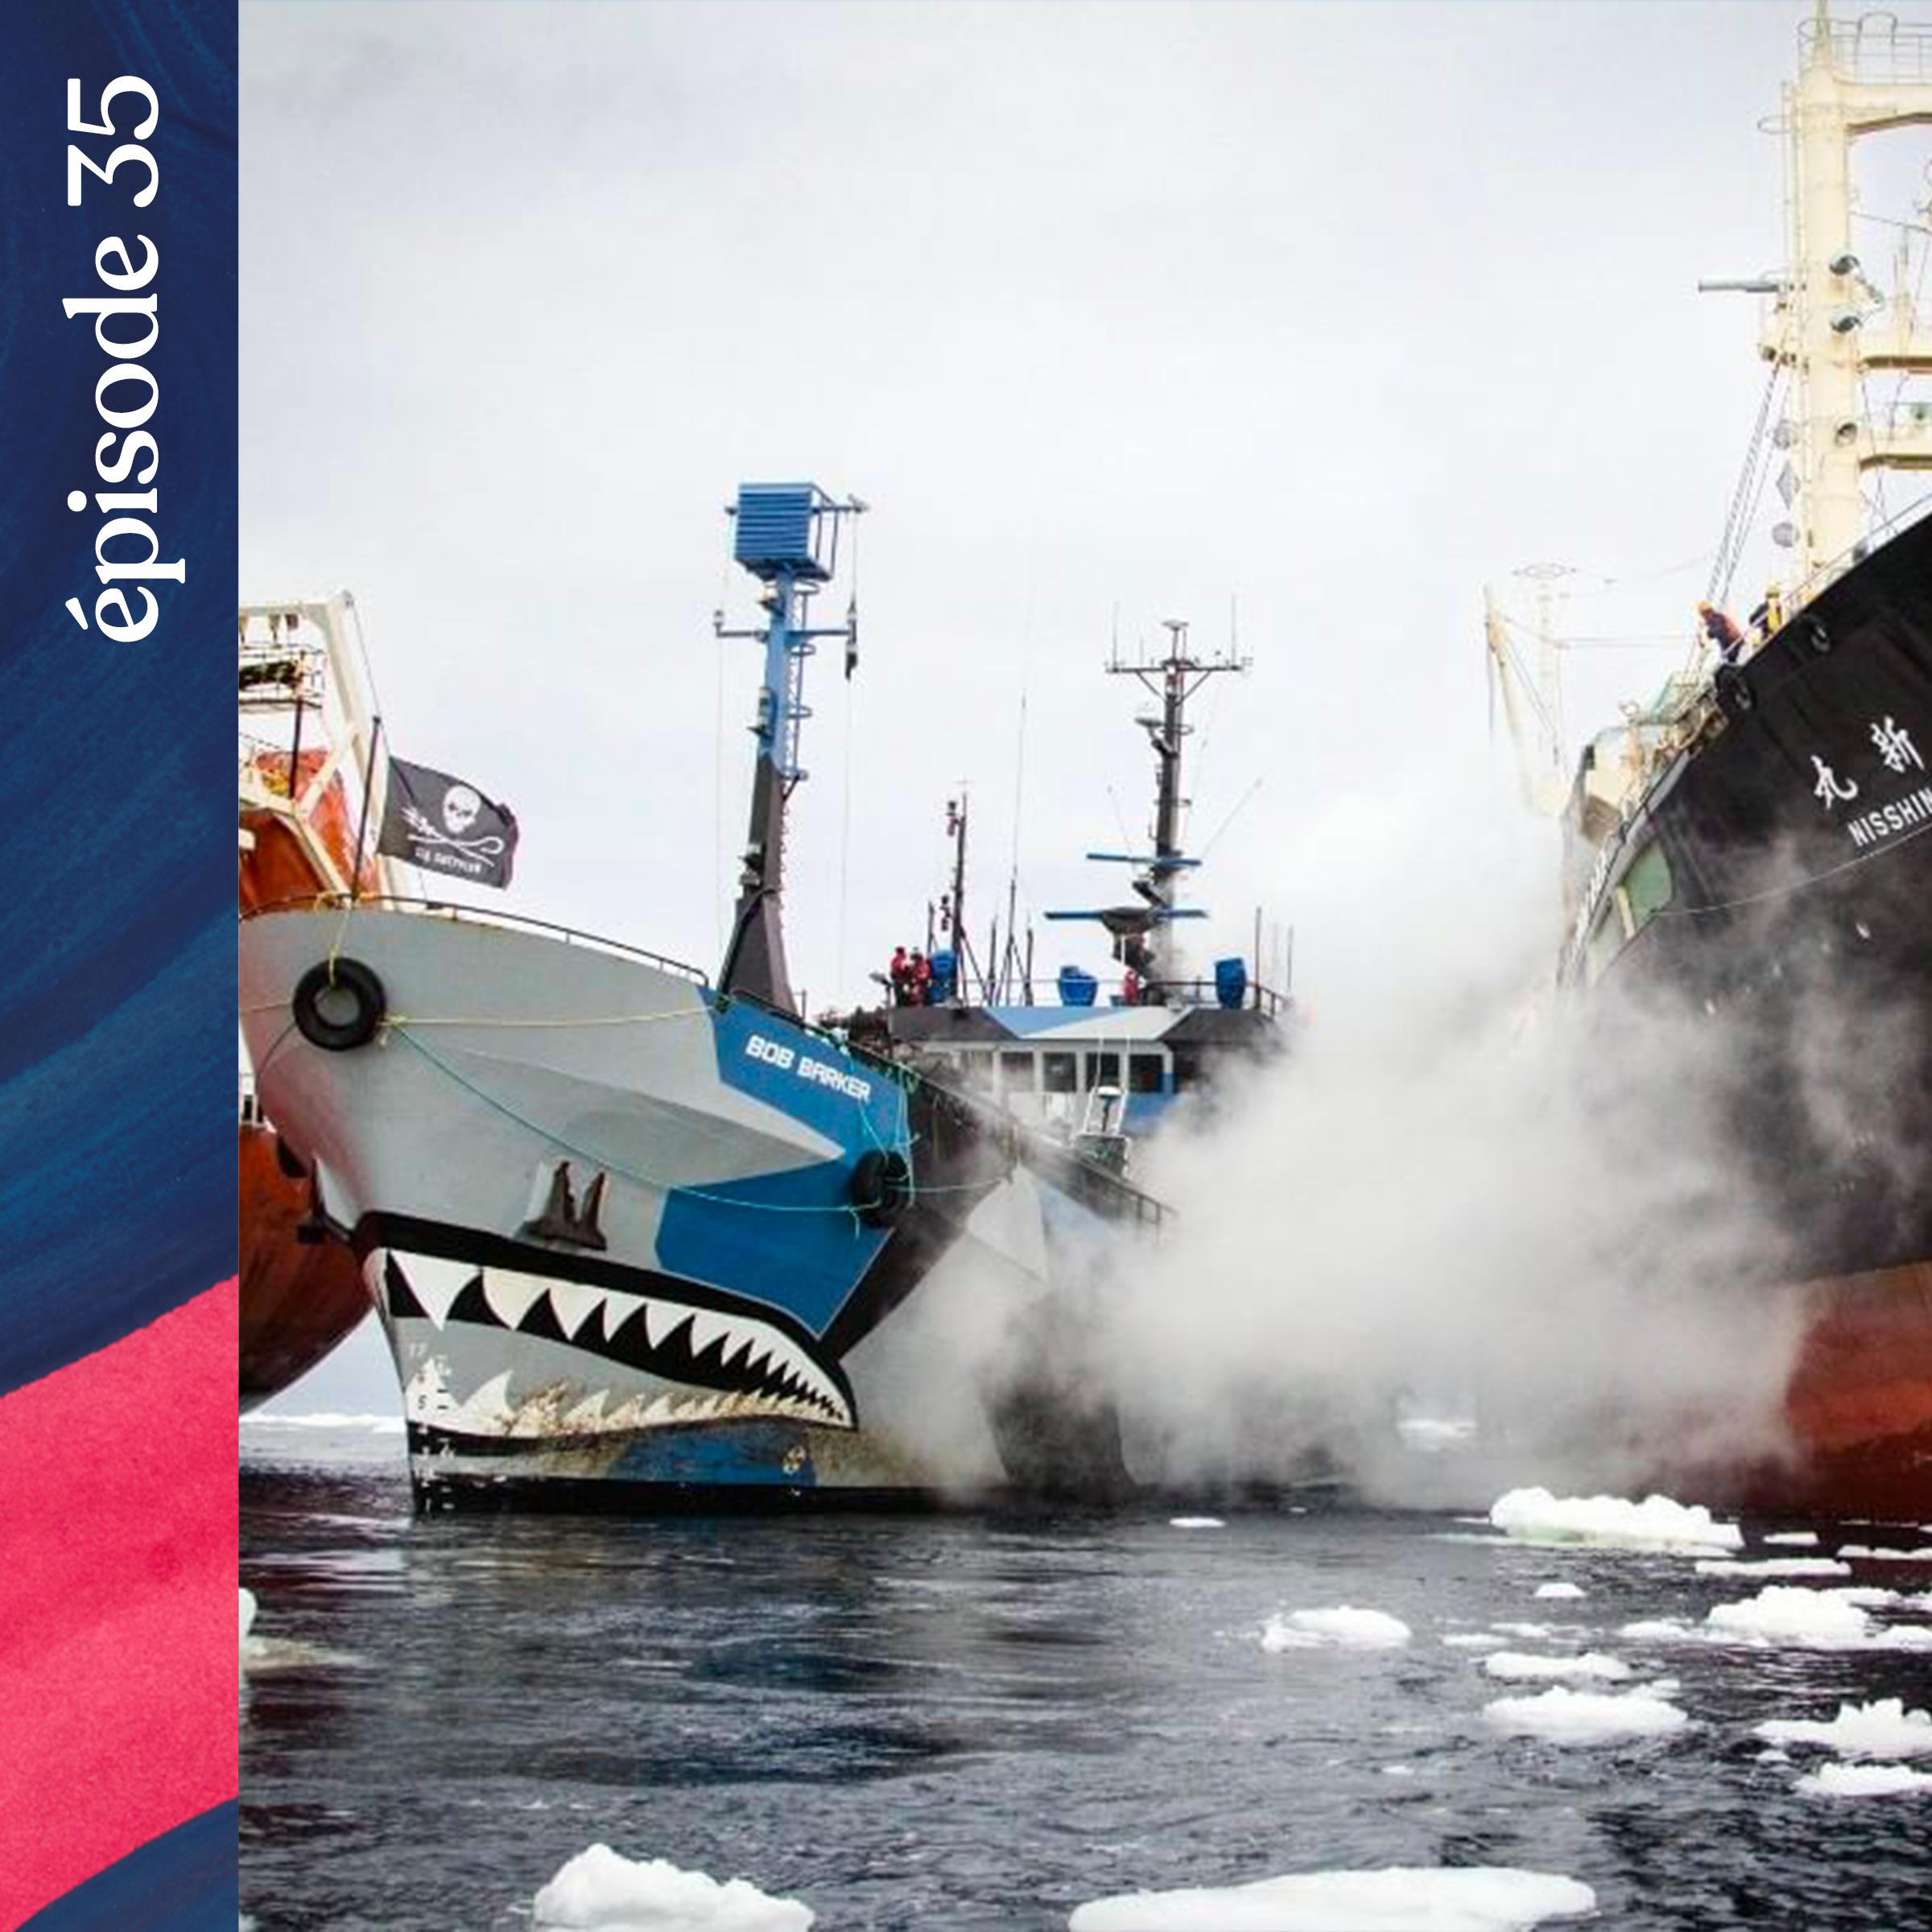 Baladeurs-ep35-pirates-mers-australes